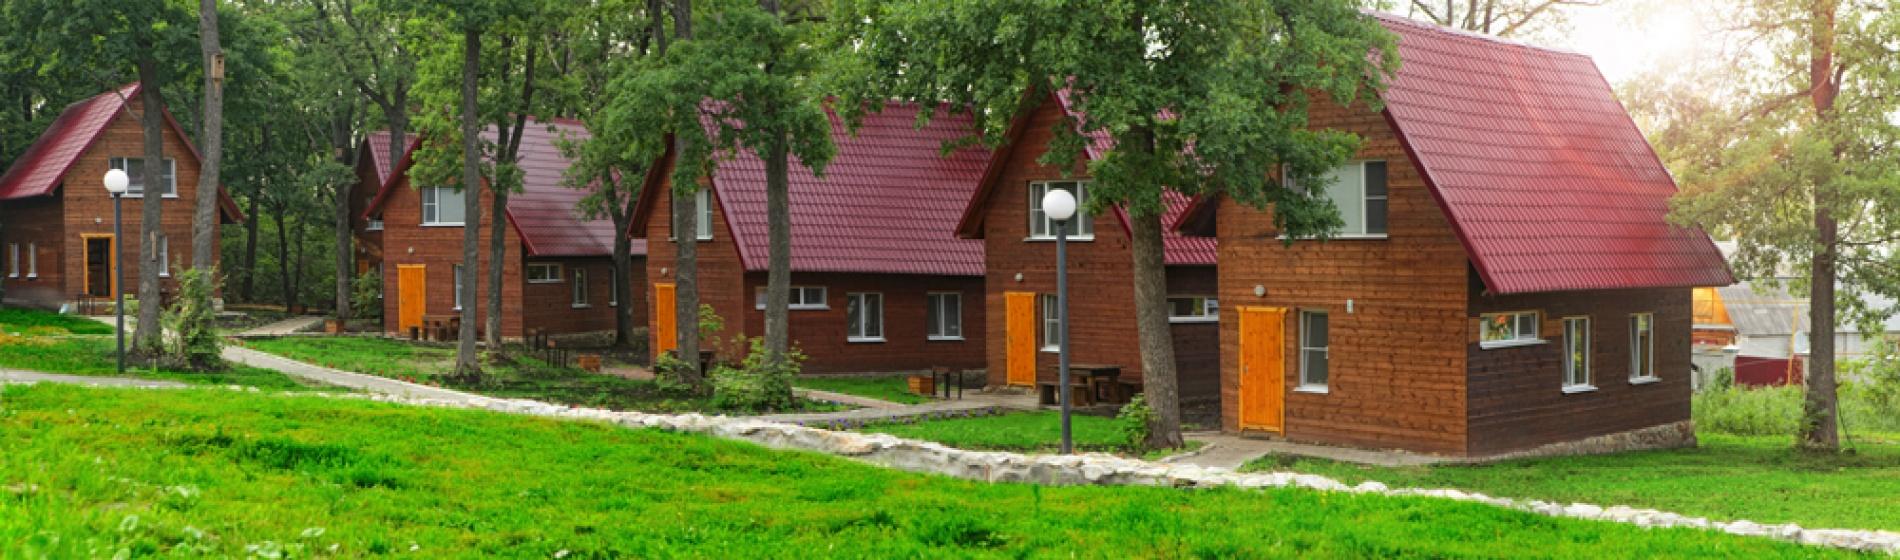 """База отдыха """"Дубрава в Пензе"""" Пензенская область, фото 1"""